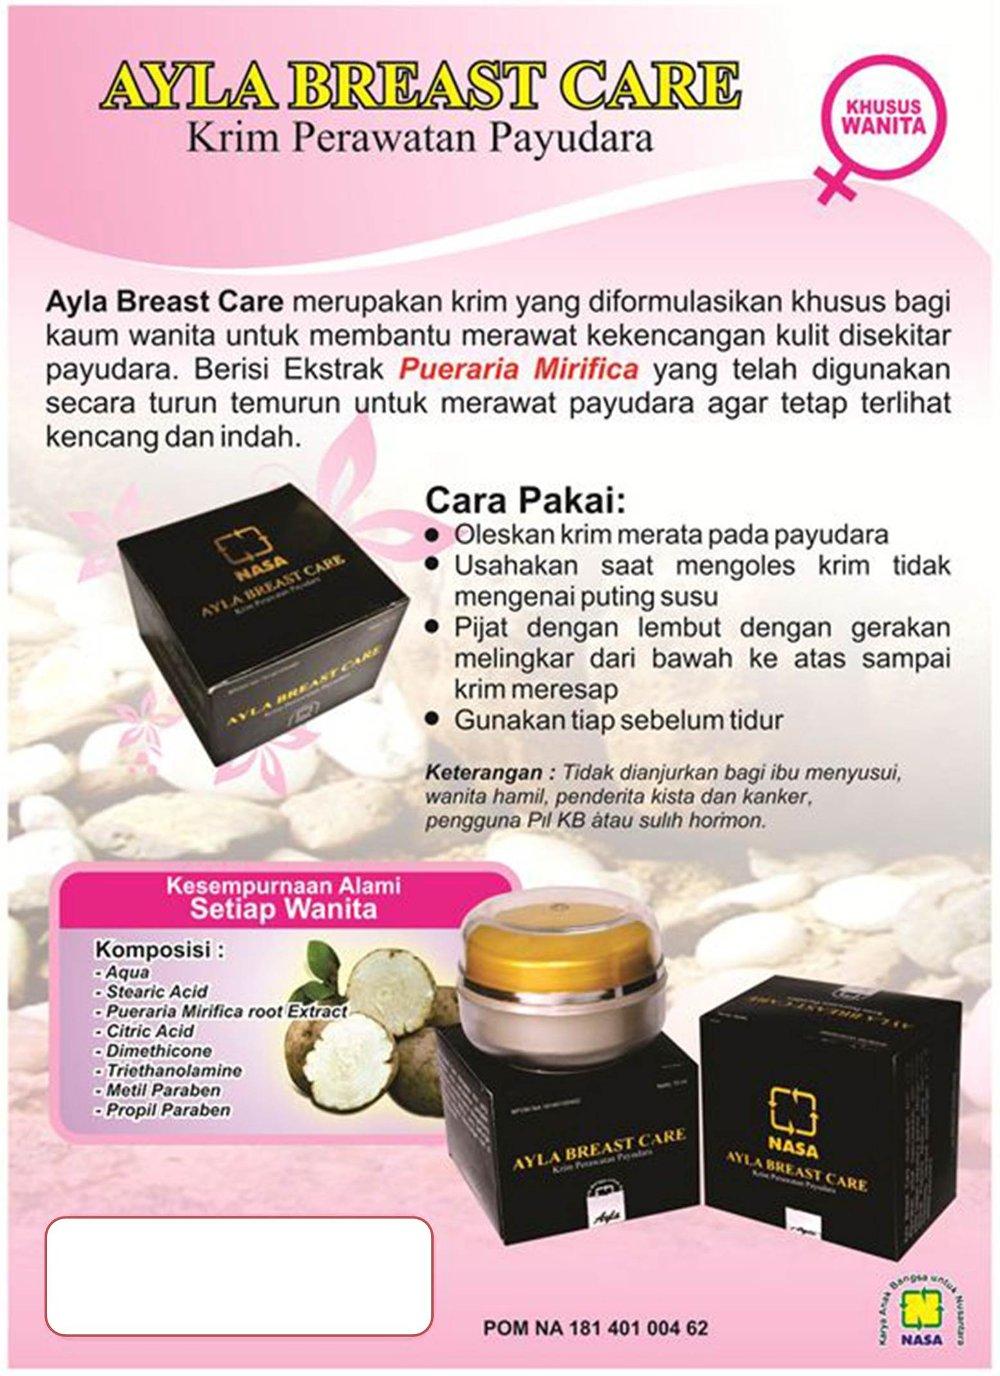 Spesifikasi dari Cream Pembesar Payudara Herbal Ayla Breast Care NASA/ Cream Payudara/ Pembesar Payudara/ Pemontok Payudara/ Payudara Sehat/ cegah kanker ...